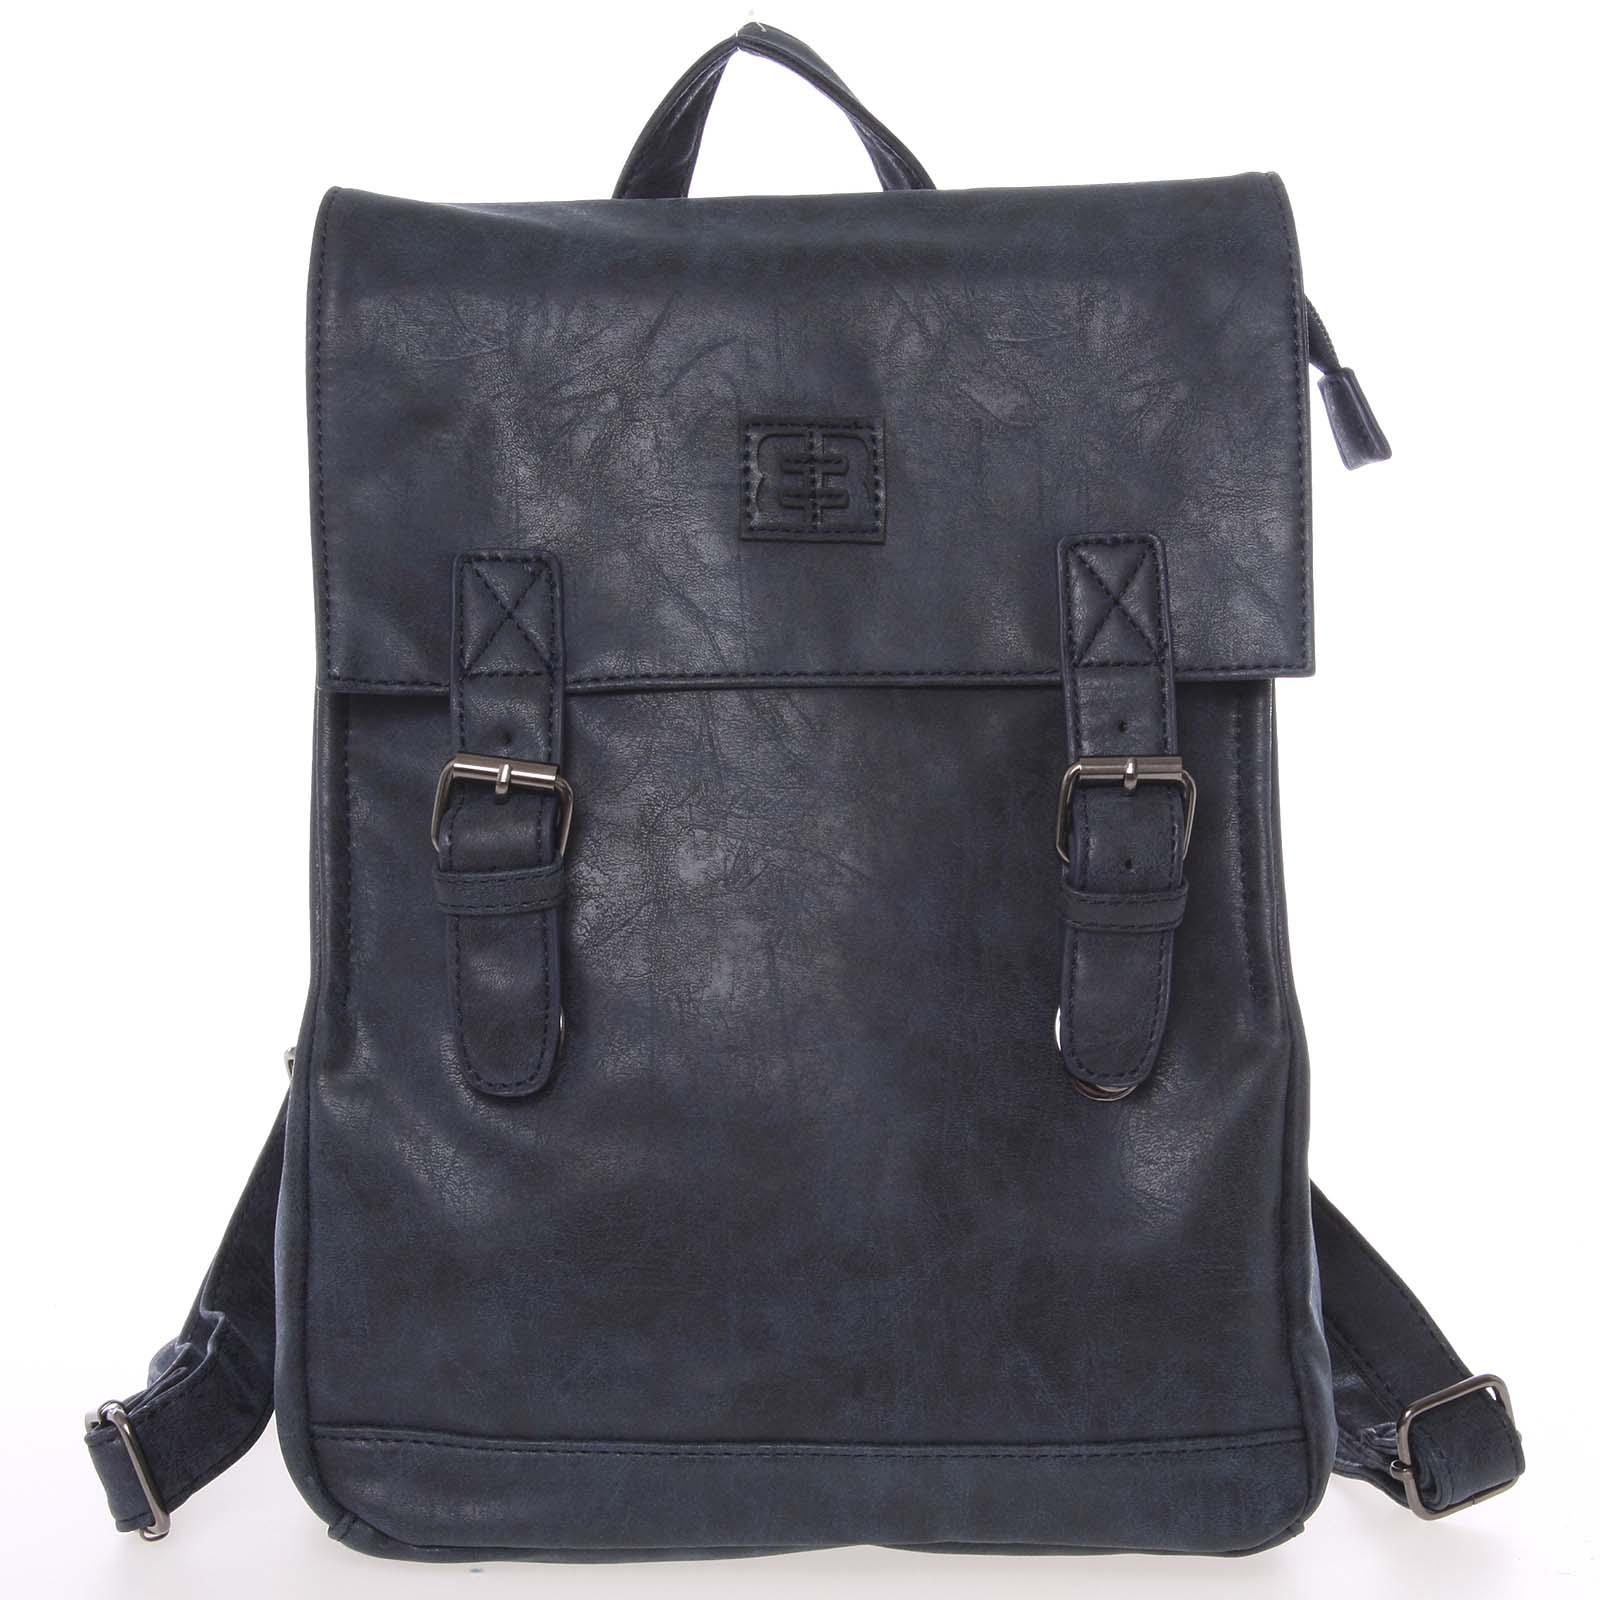 Módny štýlový batoh tmavomodrý - Enrico Benetti Travers